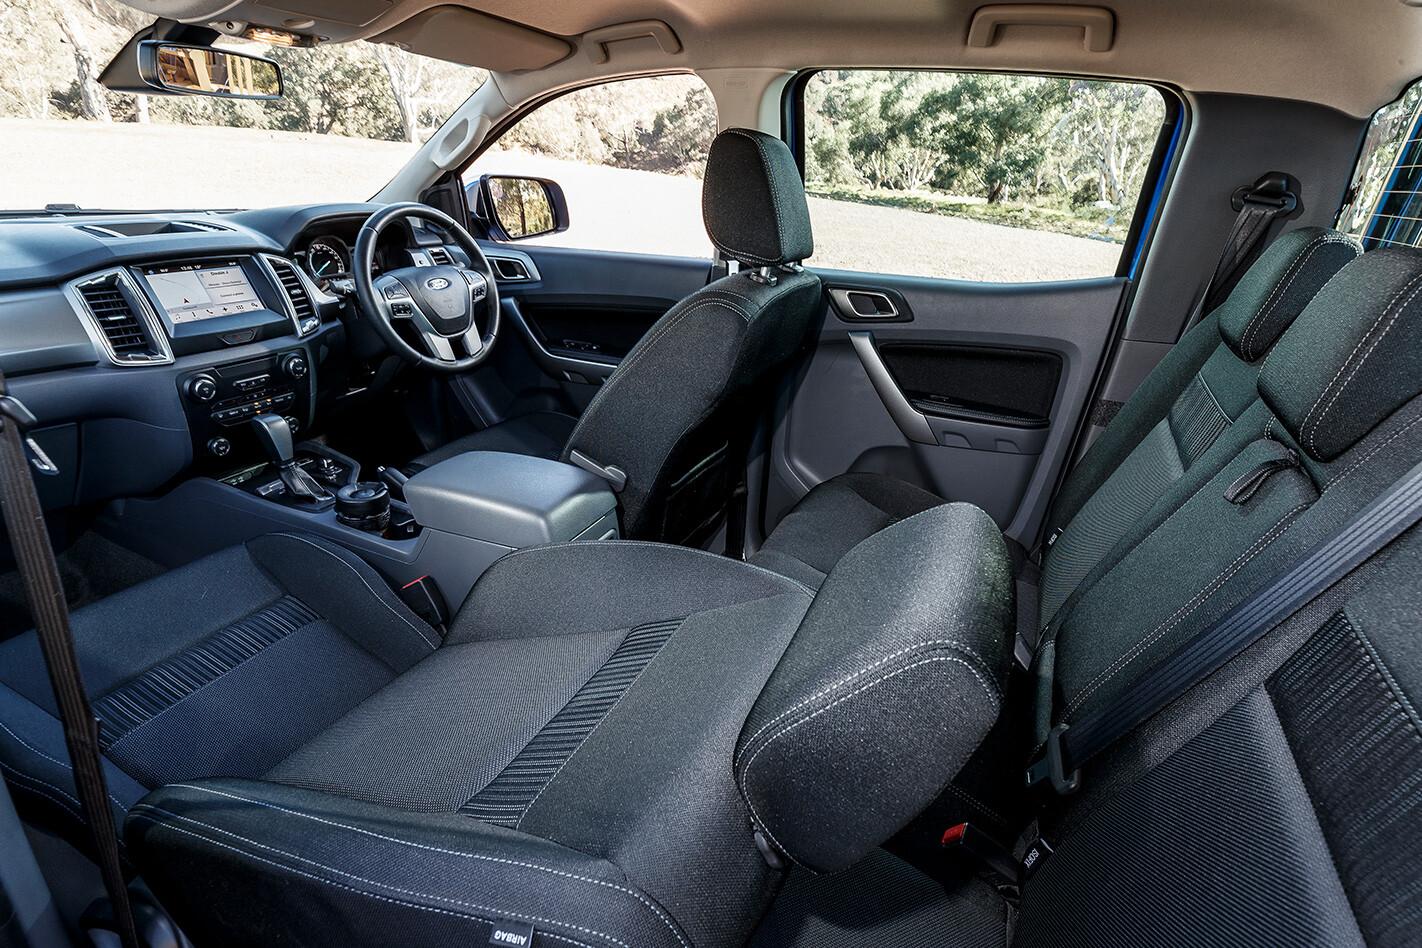 Ford Merc Ranger Interior Jpg